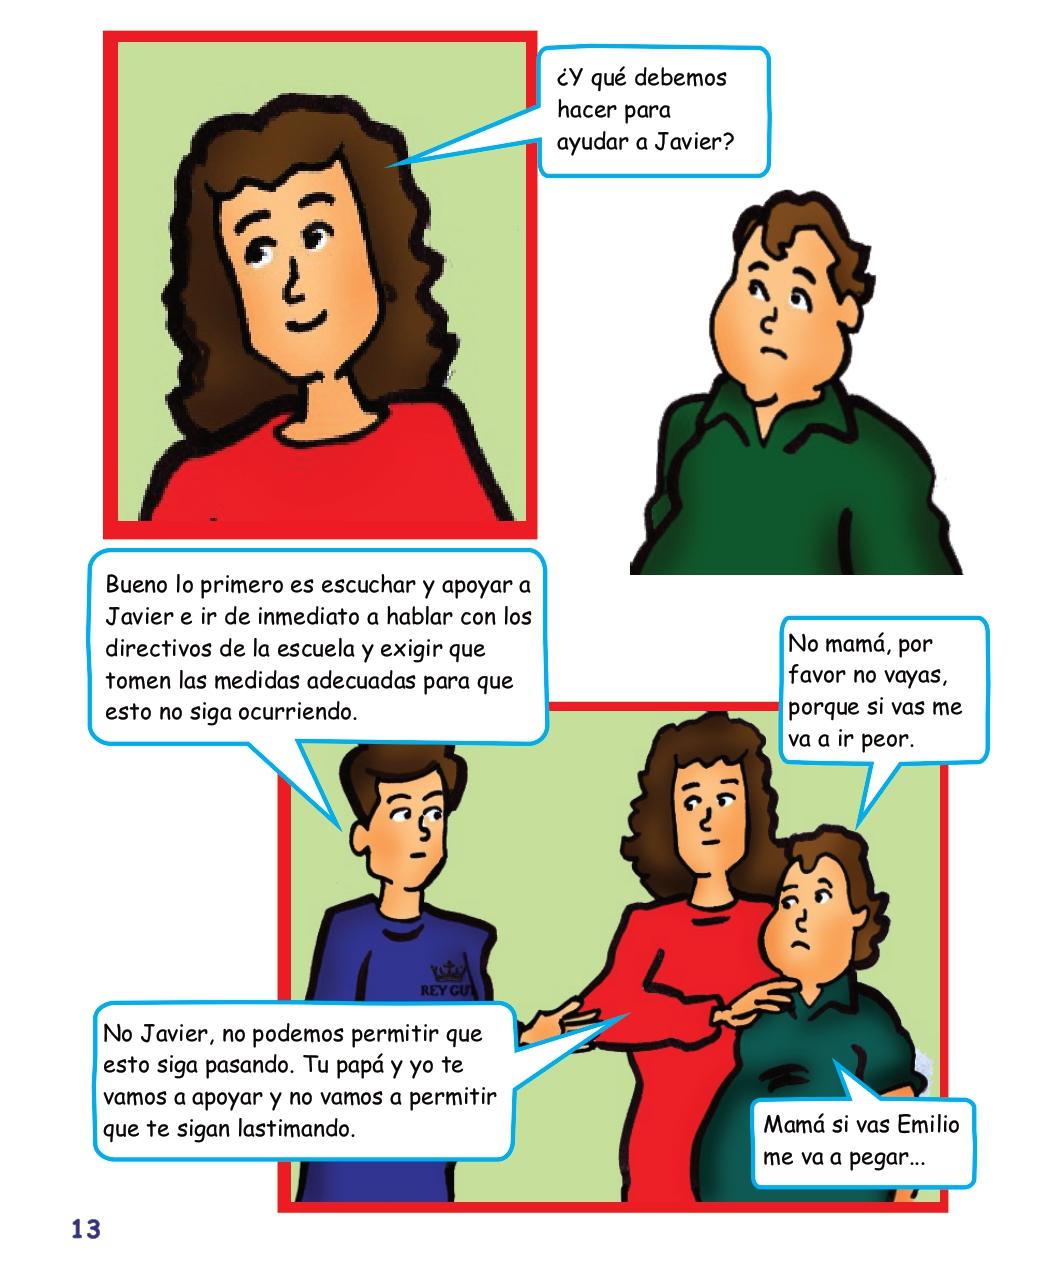 Psicología adolescentes Reyhan cap3 digital_page-0016